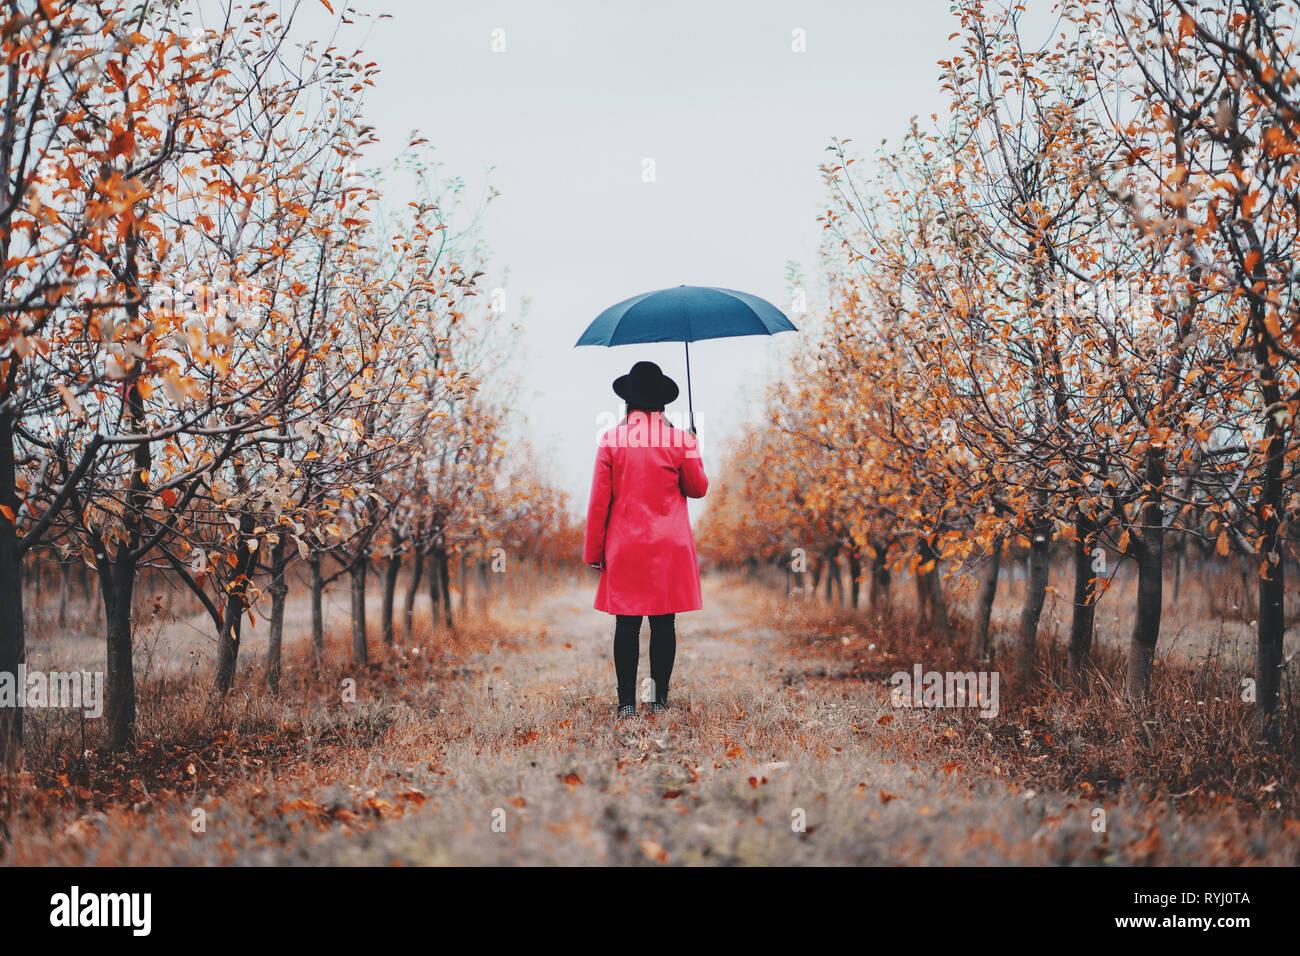 Femme en robe rouge et avec parapluie entre les arbres dans le jardin d'Apple à l'automne. Le minimalisme, voyages, nature concept. Banque D'Images